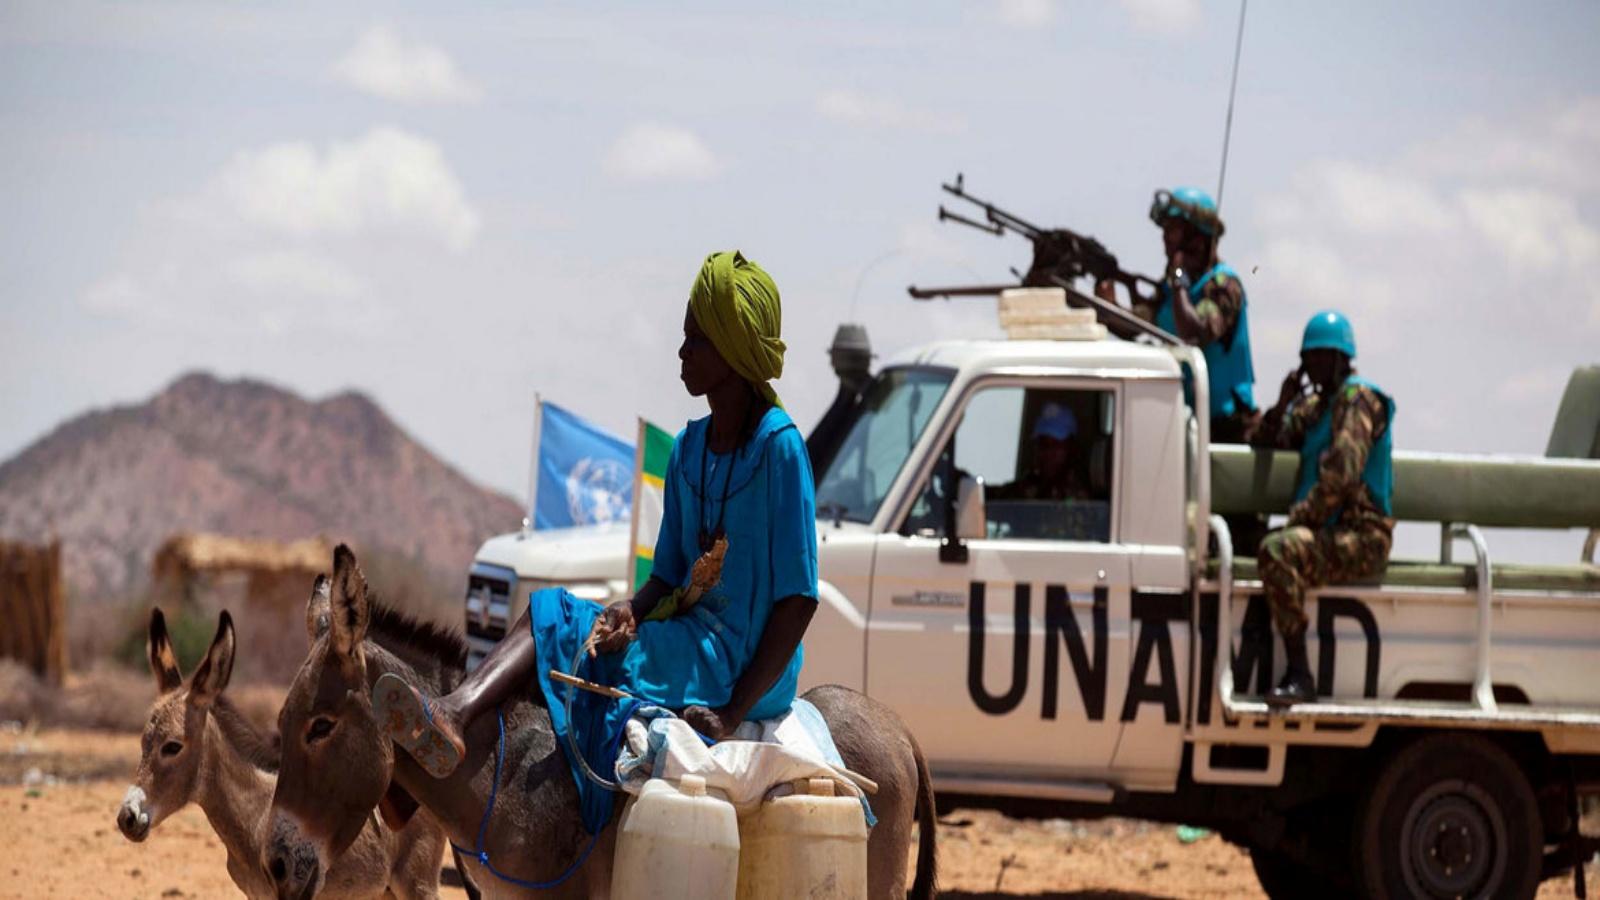 قوات يوناميد تستعد للانسحاب من السودان